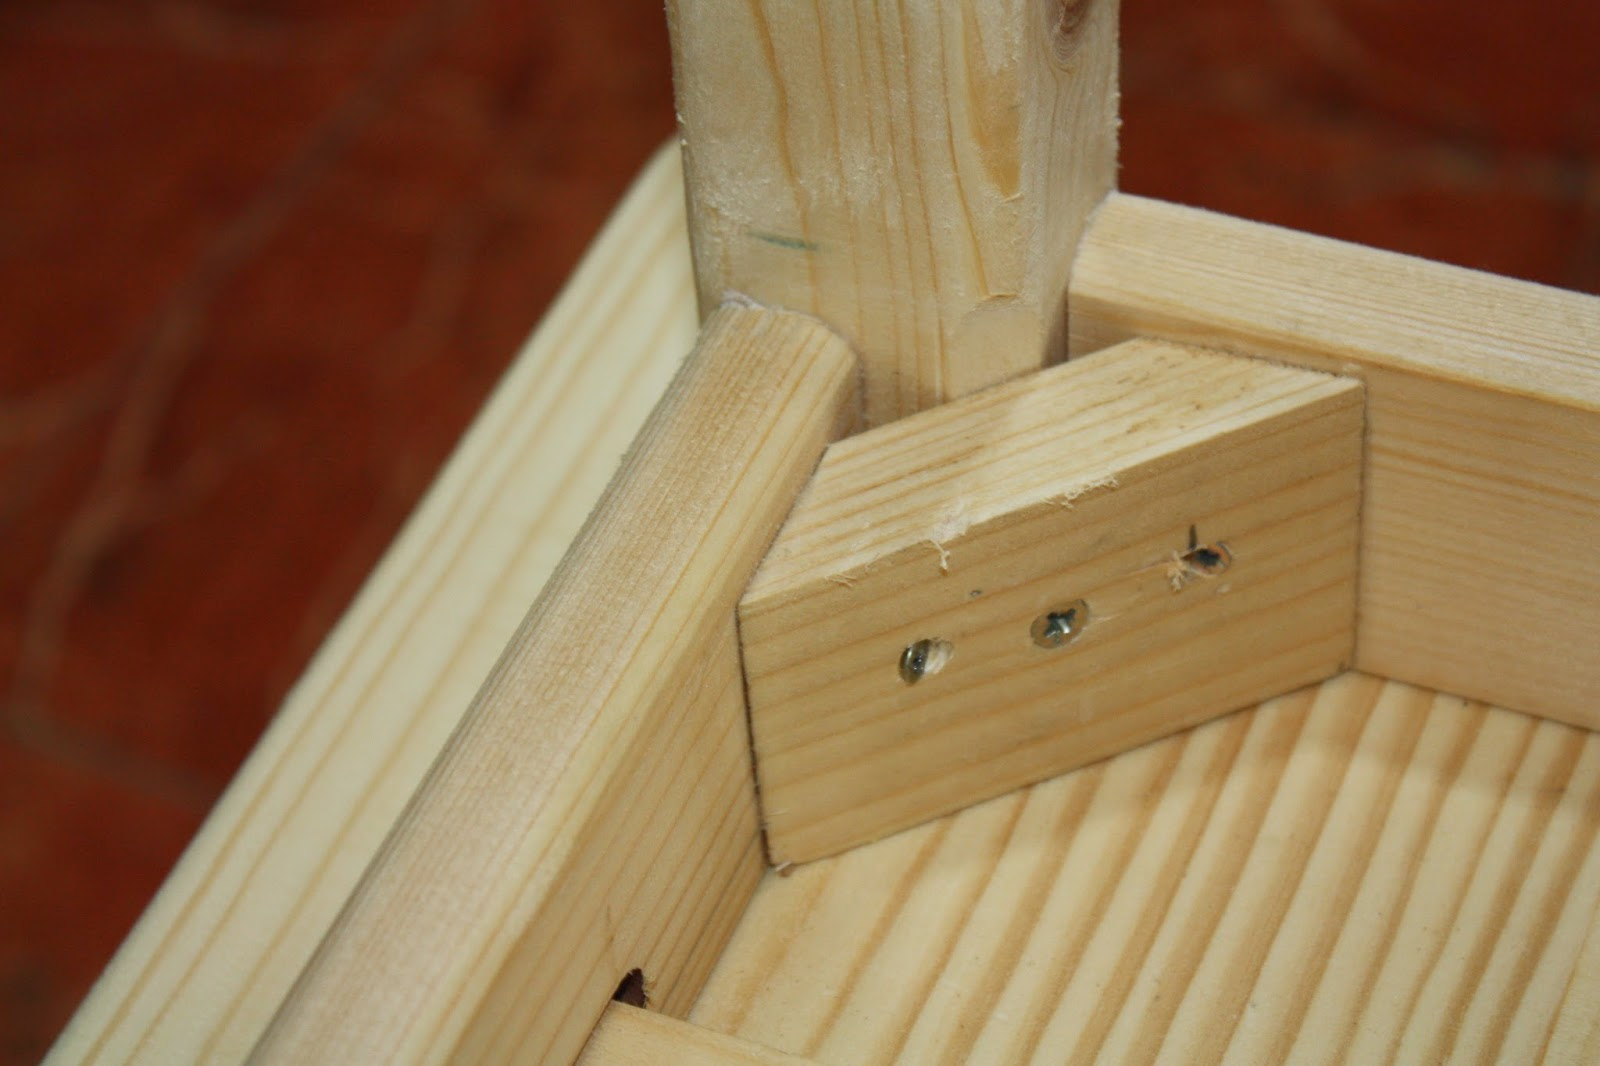 Brico carpinteria una mesa para lucia - Como hacer patas de madera para mesas ...